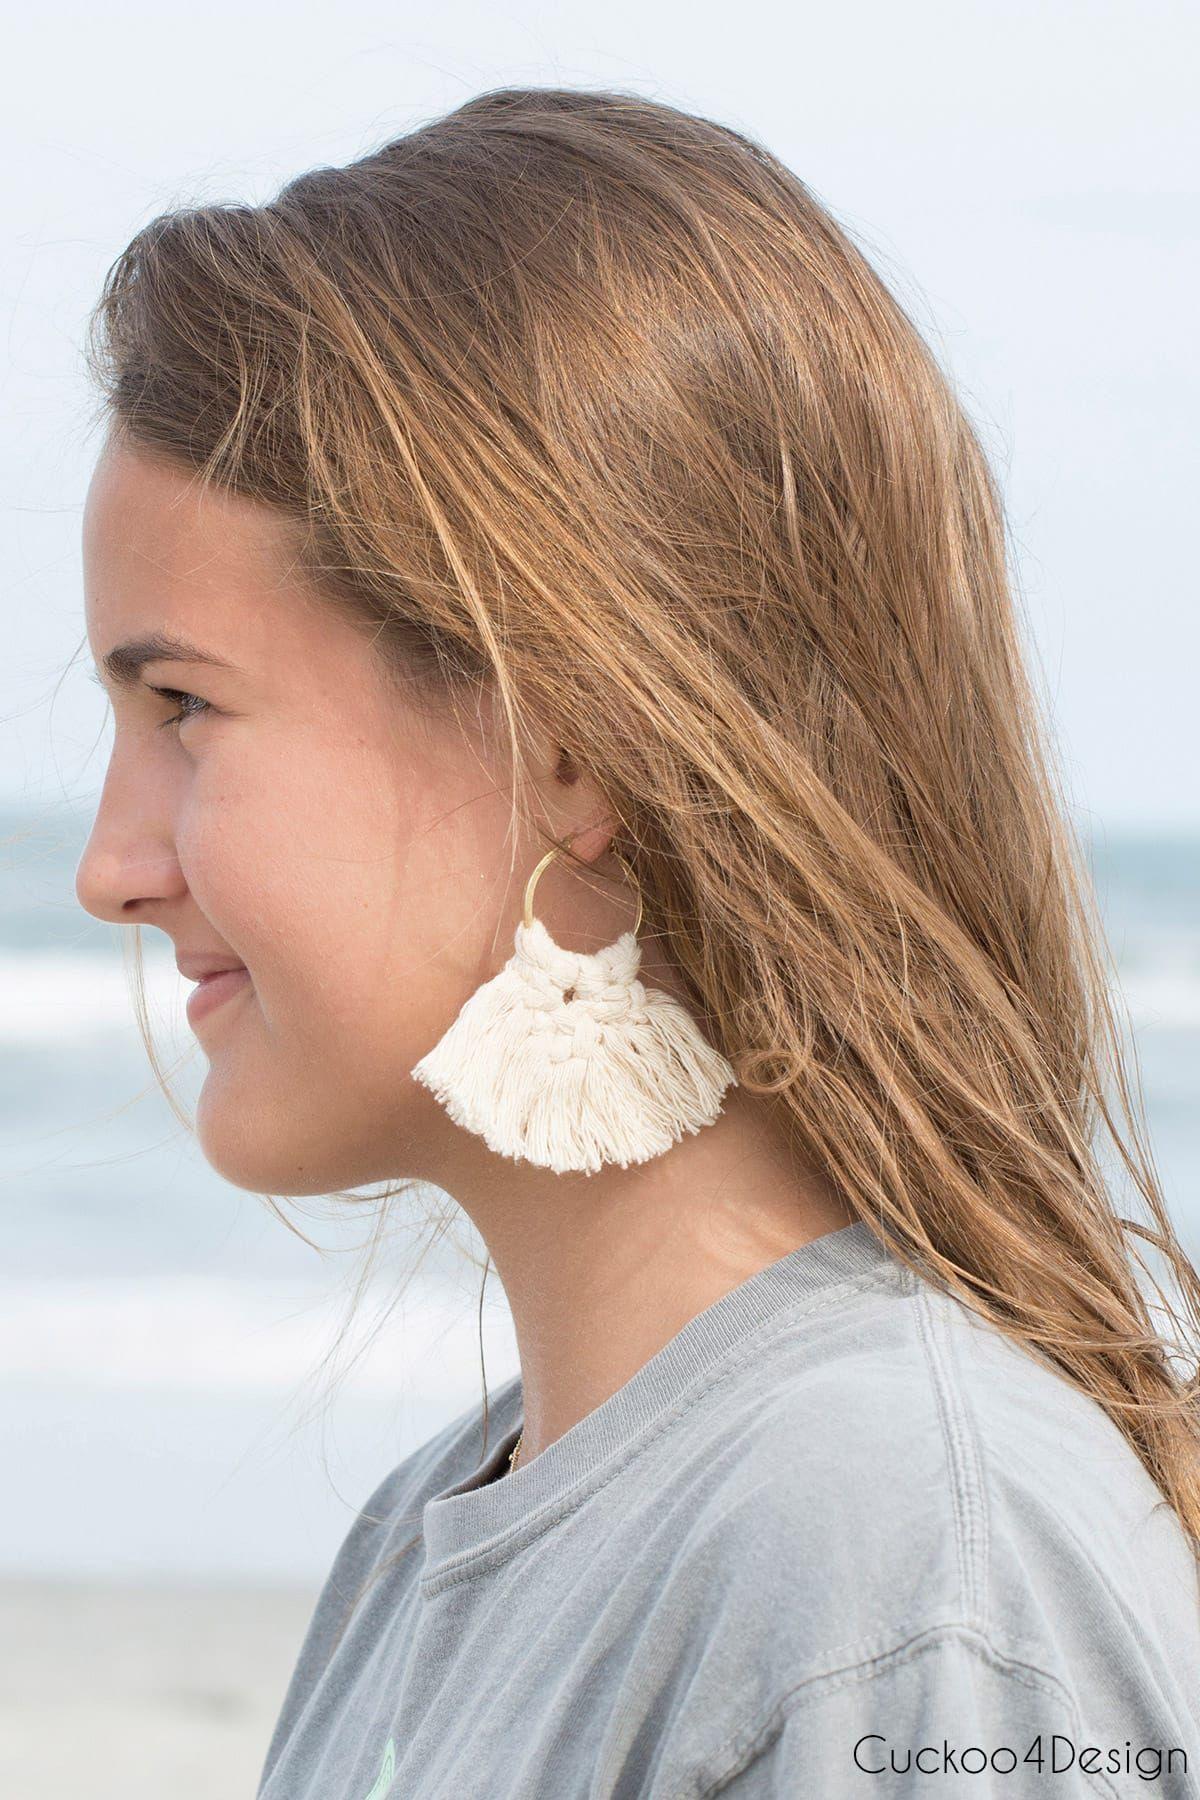 How to make macrame earrings | macrame earring tutorial | DIY macrame earrings | macrame jewelry #macrame #macramelove #jewelry